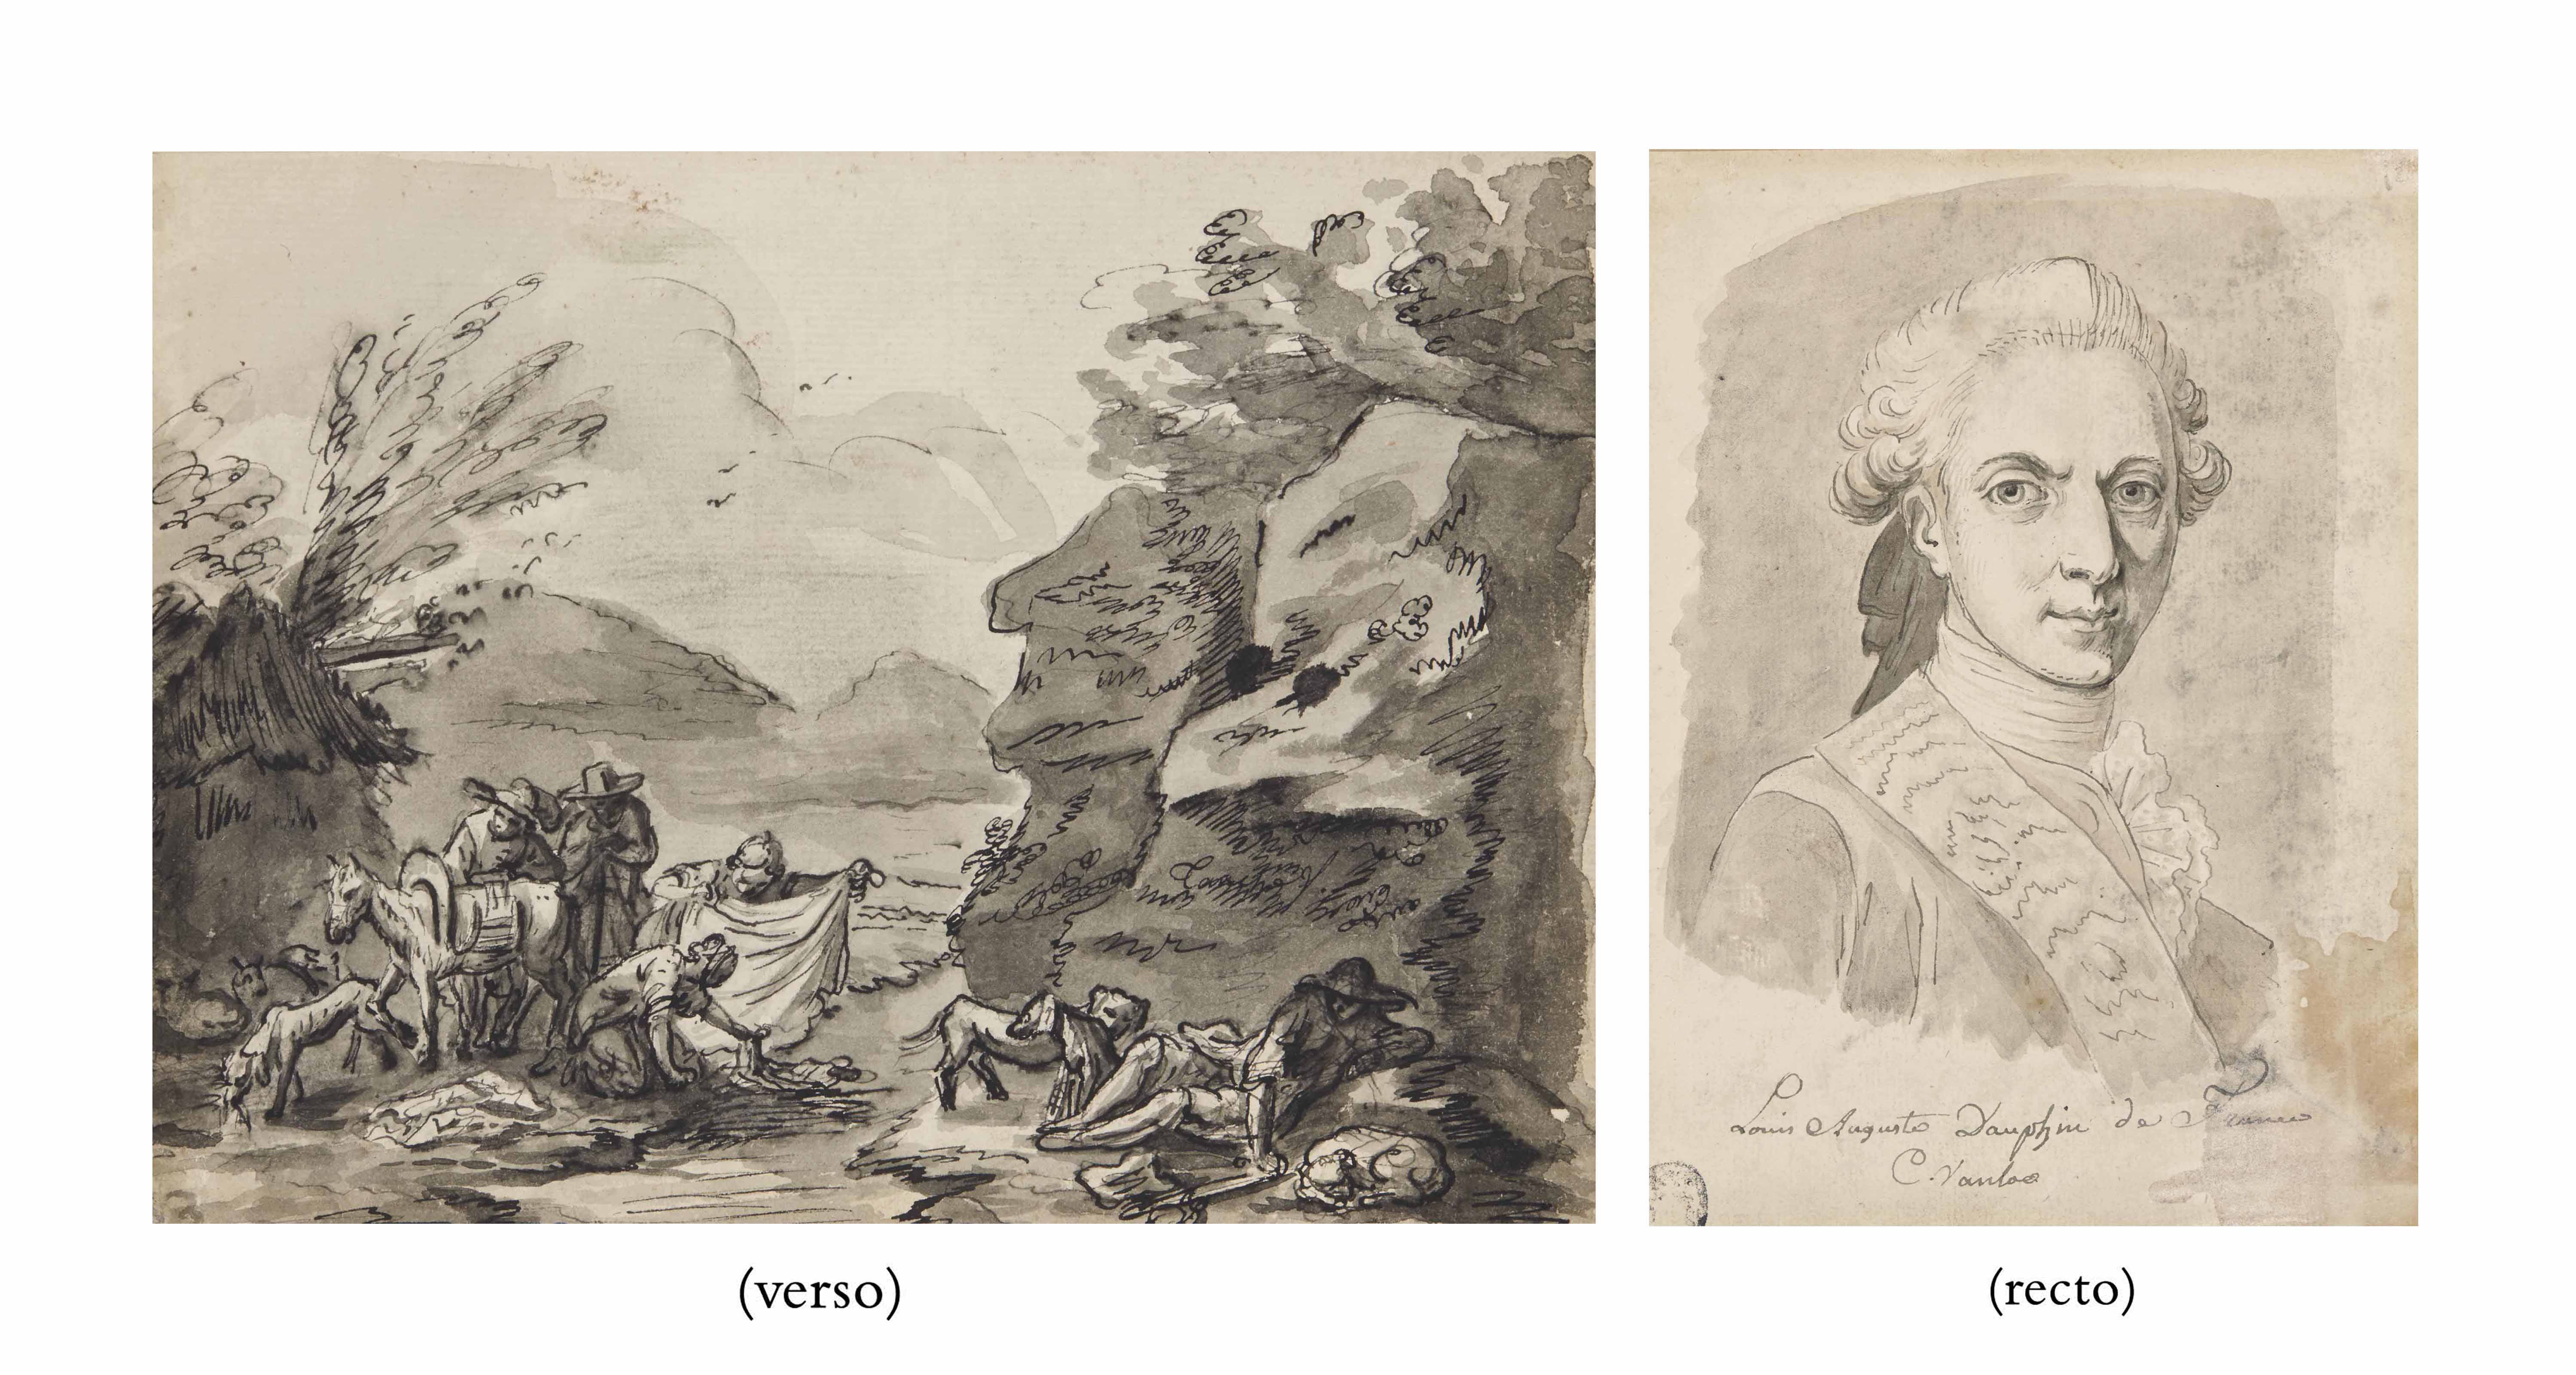 Portrait de Louis Auguste de France (1754-1793), Dauphin de France et futur Louis XVI (recto) ; et Lavandières et bergers au repos dans un paysage (verso)